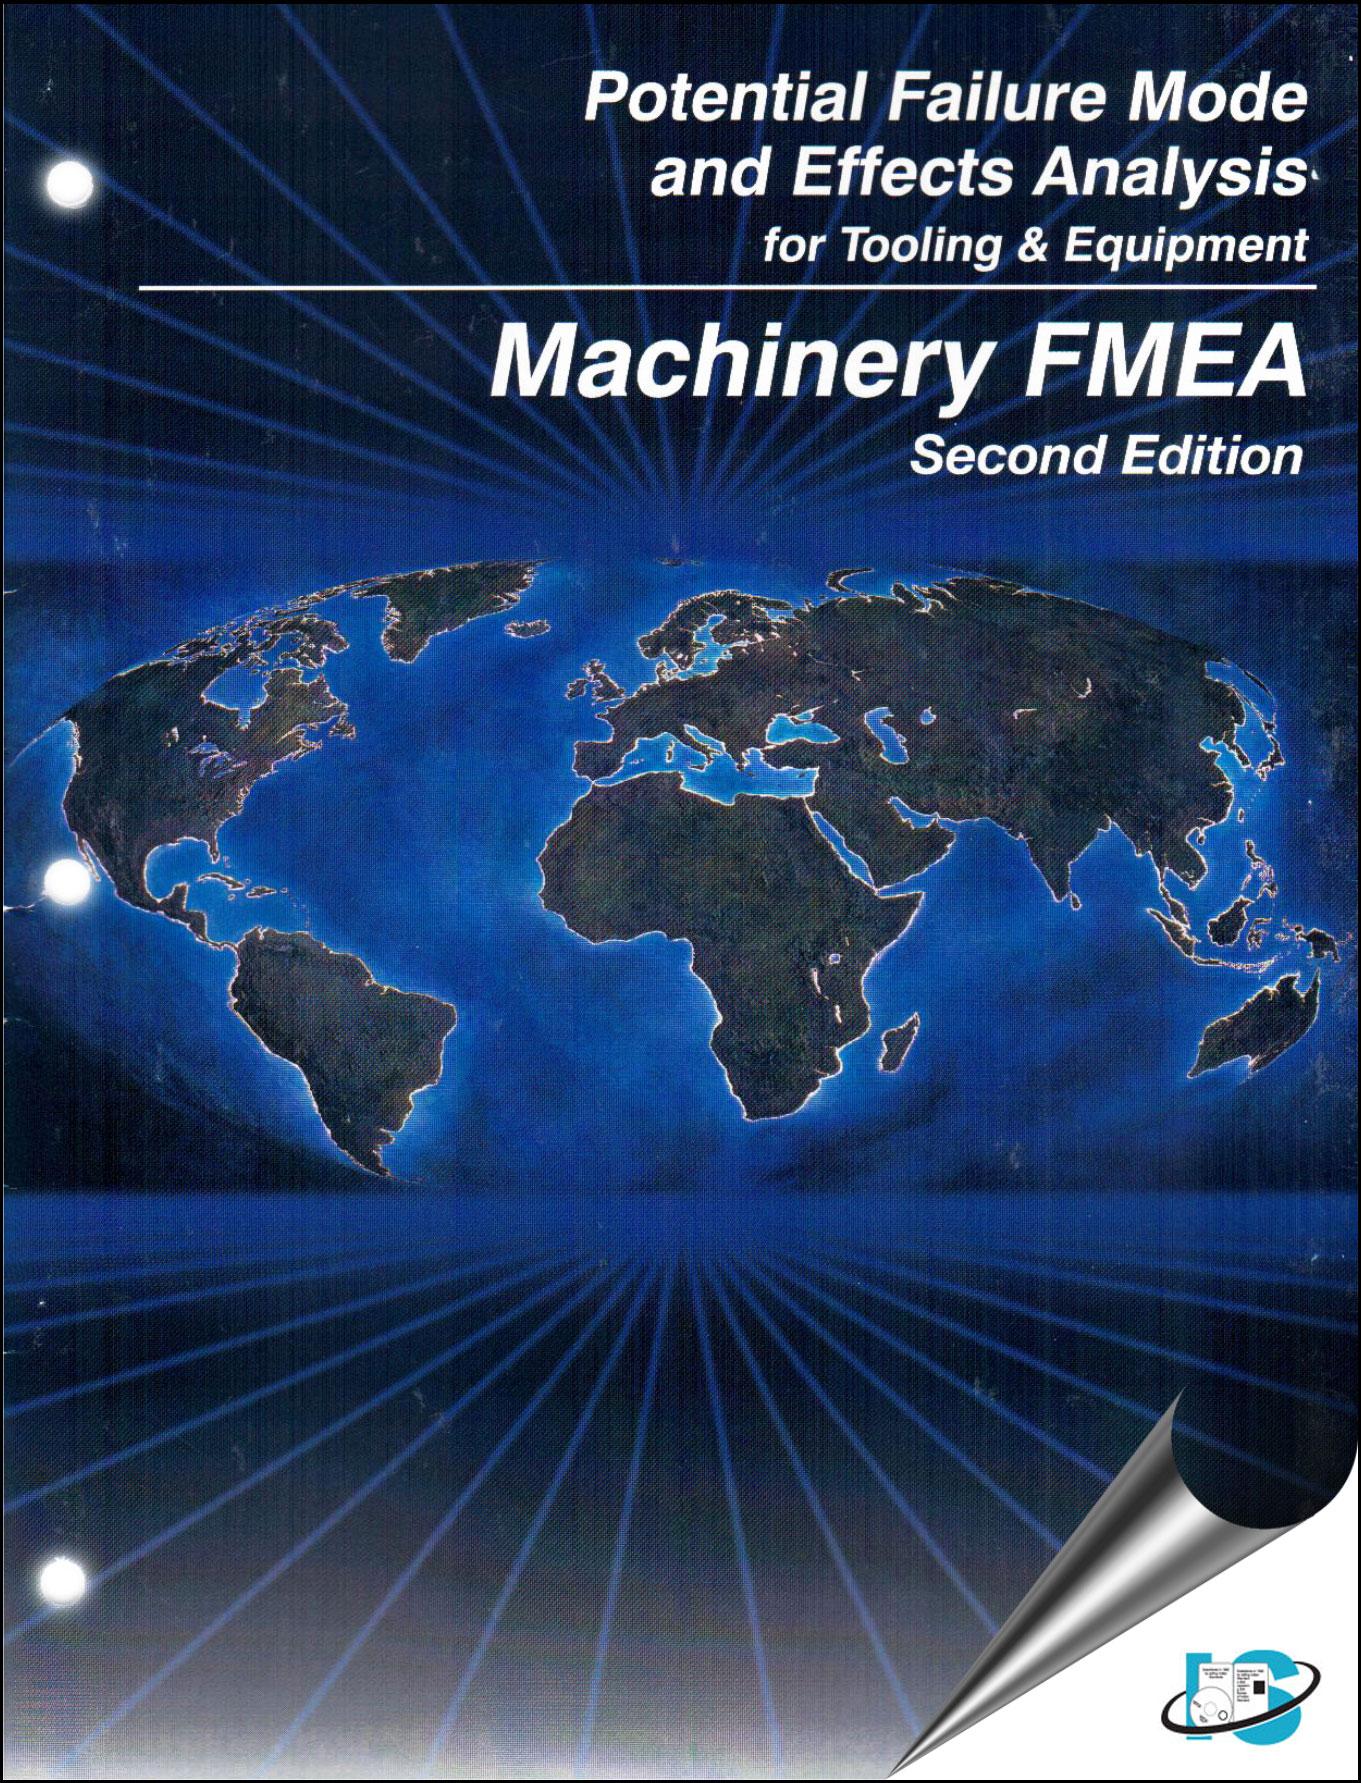 Aiag fmea manual 5th edition.